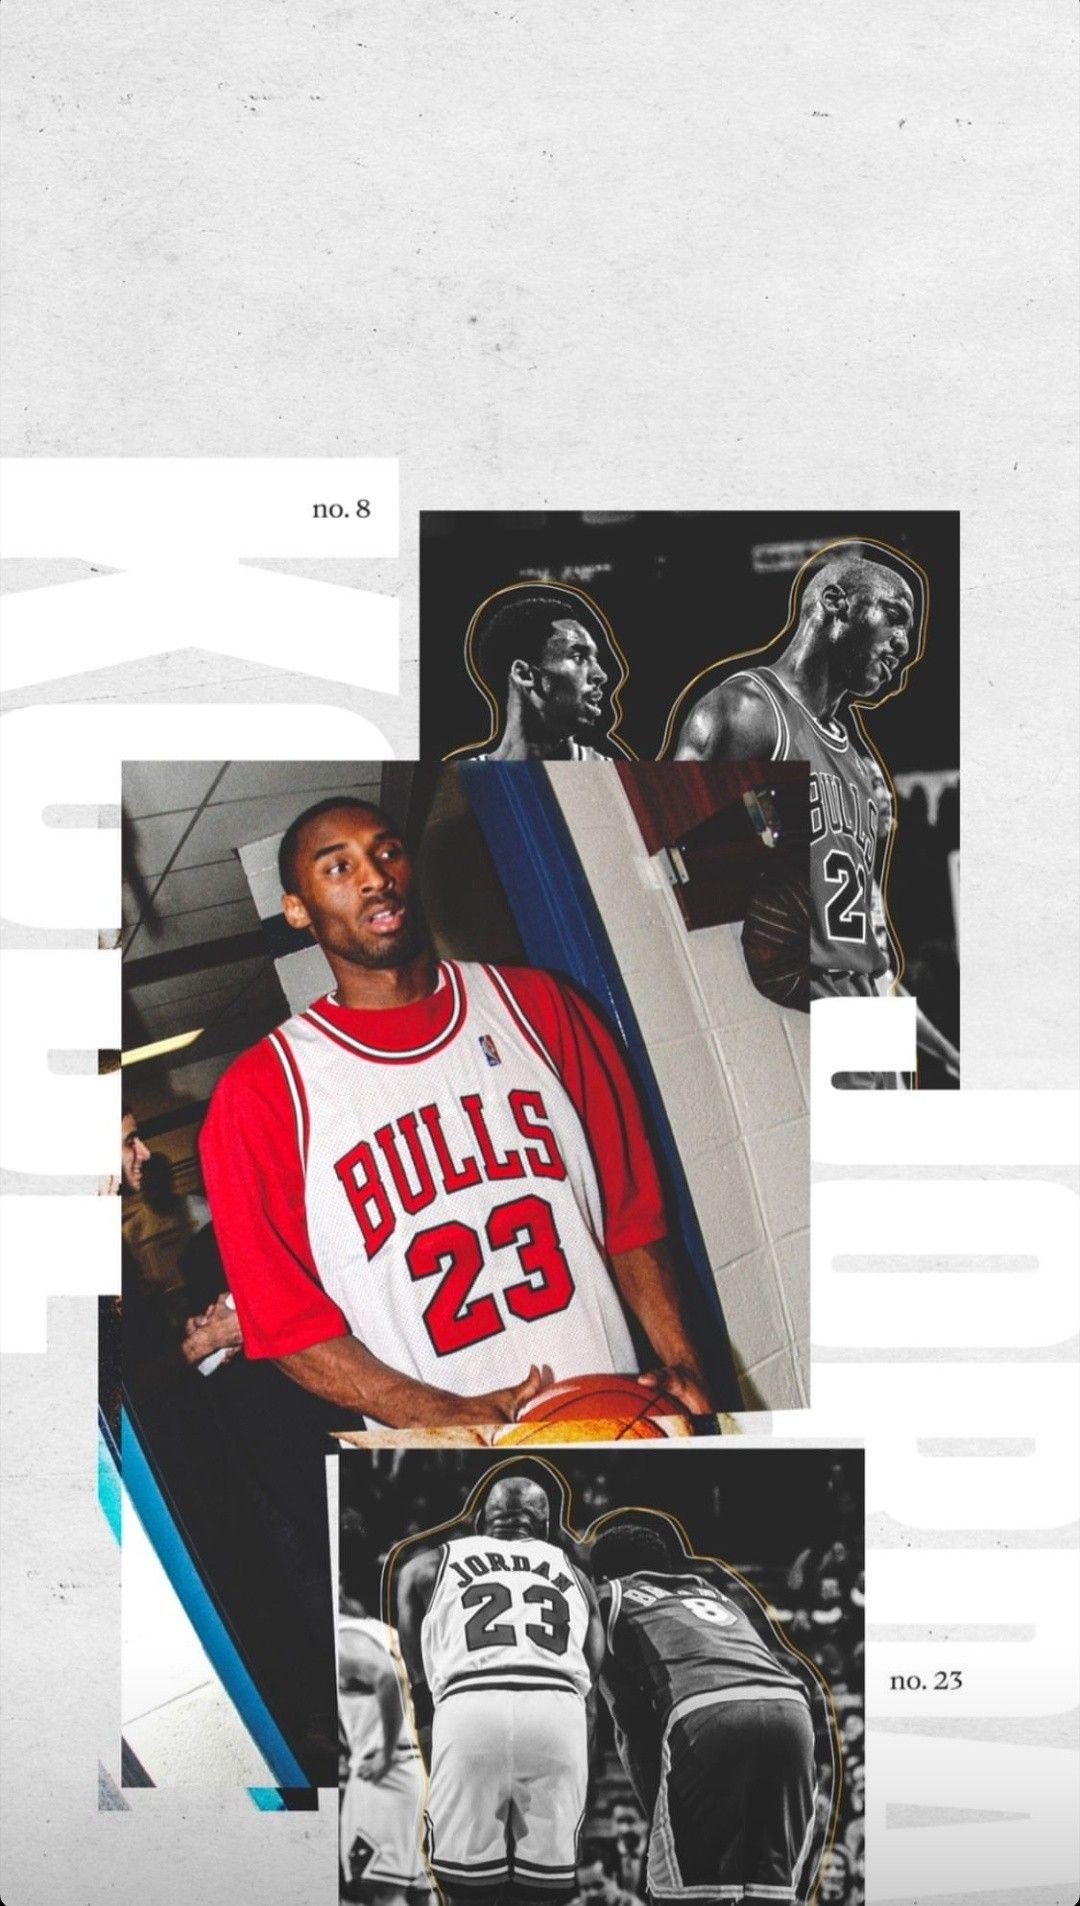 Kobe And Mj Wallpaper Kobe Bryant Pictures Kobe Bryant Nba Kobe Bryant Wallpaper Iphone kobe and michael jordan wallpaper